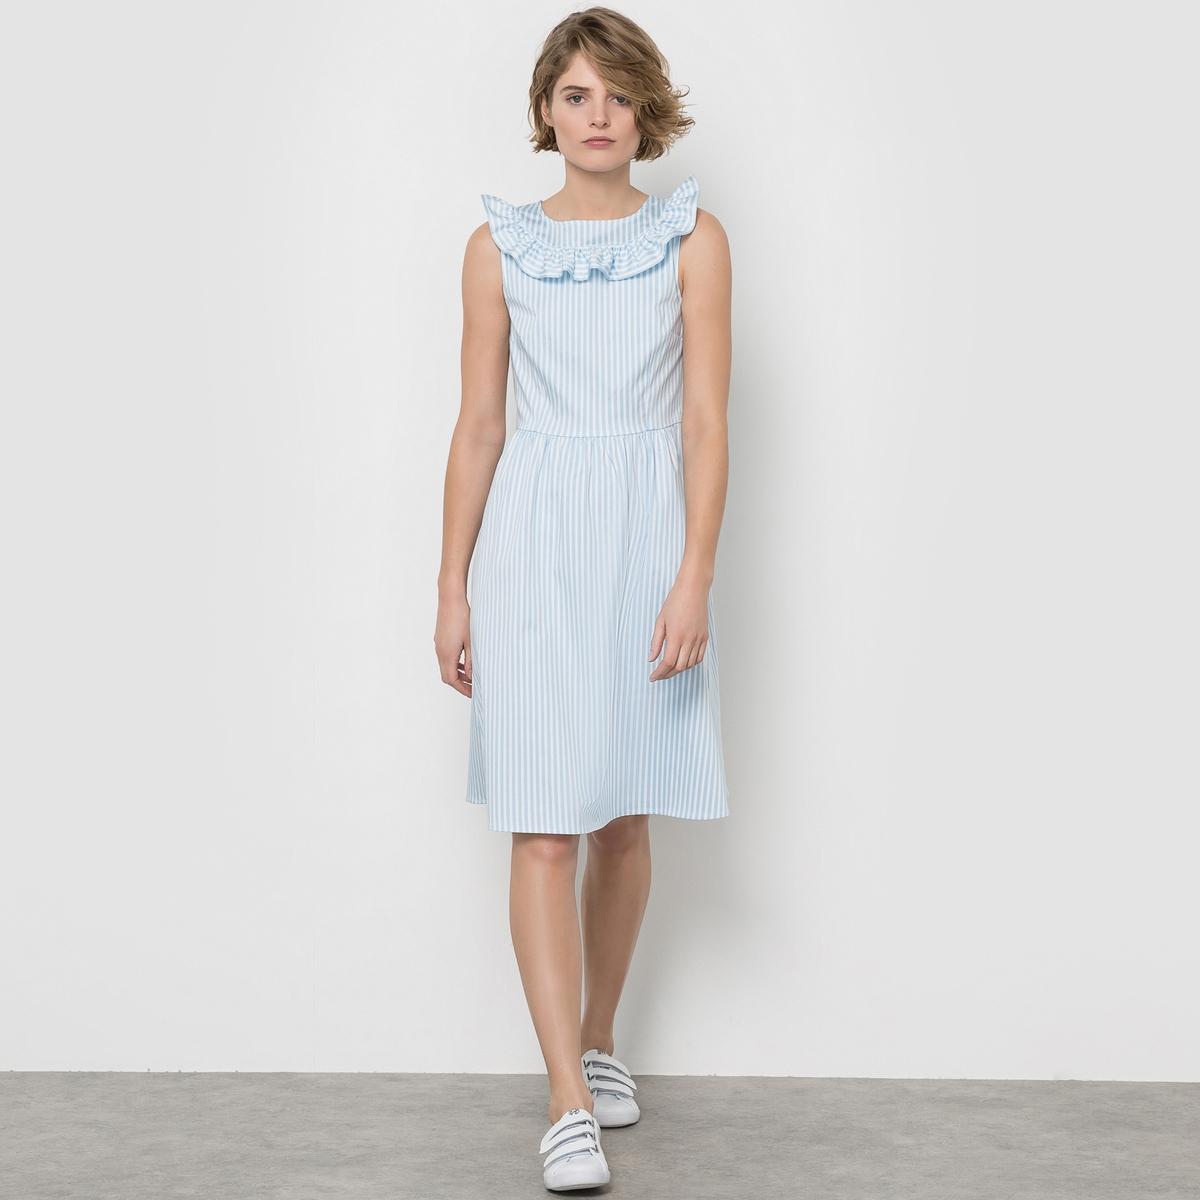 Платье в полоску, без рукавовСостав и описание :Материал :             98% хлопка, 2% эластана Марка :             Mademoiselle R. ВерхДлина :          7 смУход :Машинная стирка при 30°C.Машинная сушка запрещена.Гладить на низкой температуре<br><br>Цвет: в полоску синий/белый<br>Размер: 42 (FR) - 48 (RUS)